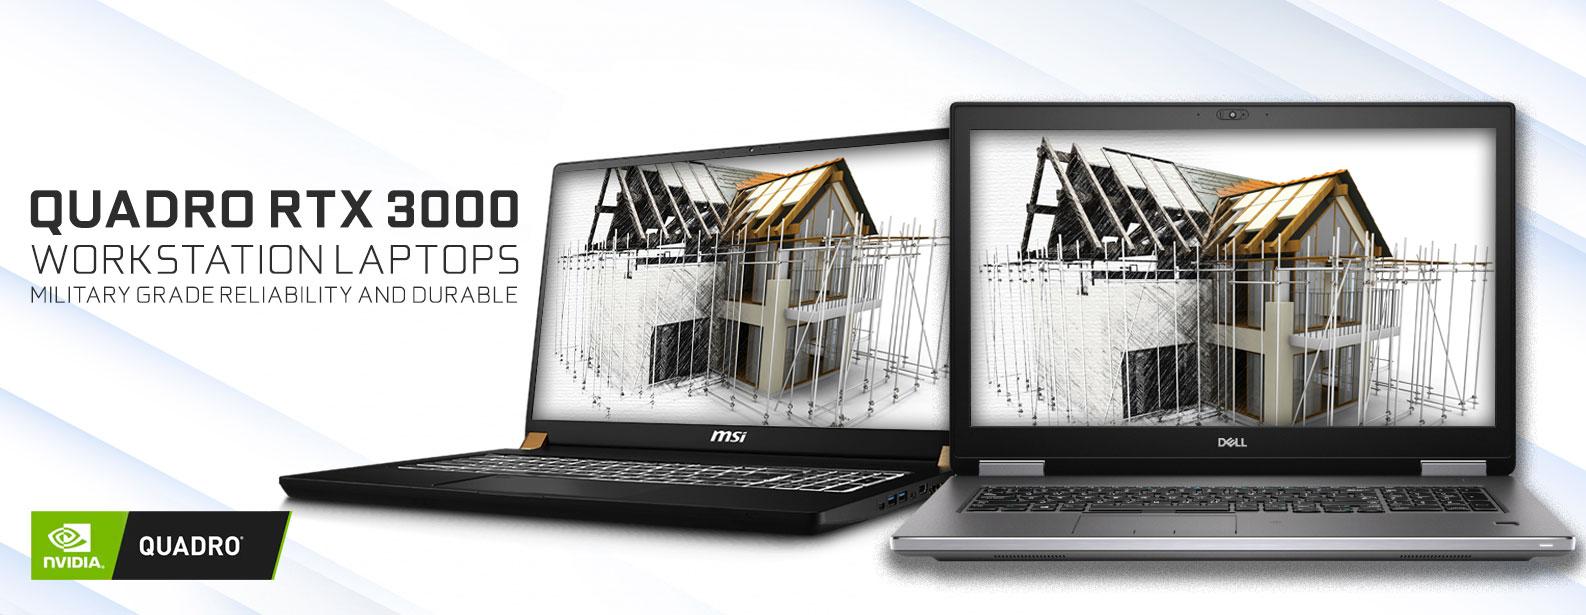 Quadro RTX 3000 Workstation Laptop Deals